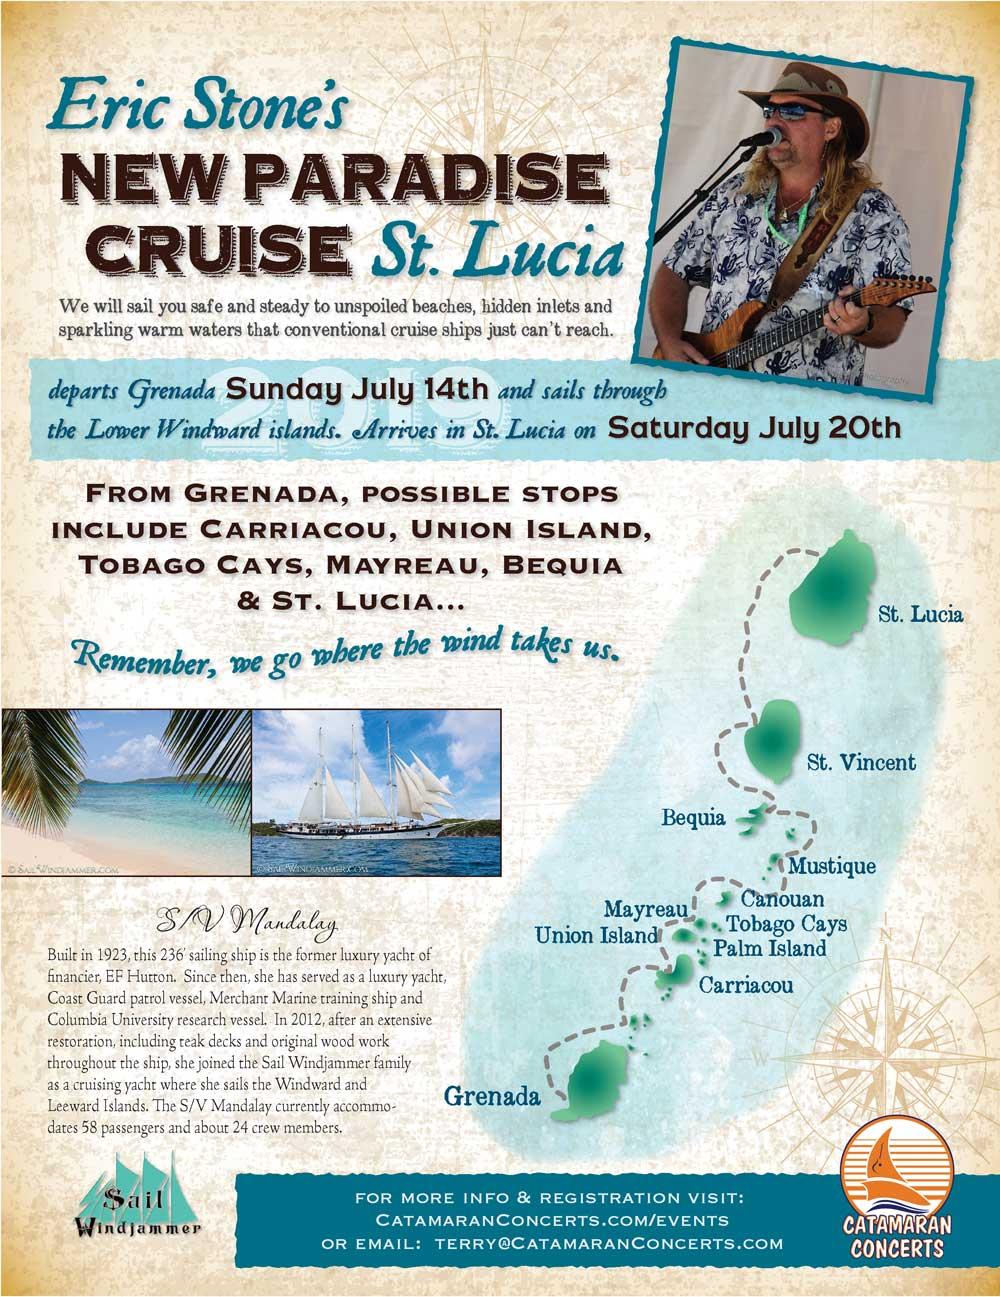 Eric Stone's New Paradise Cruise: St.Lucia